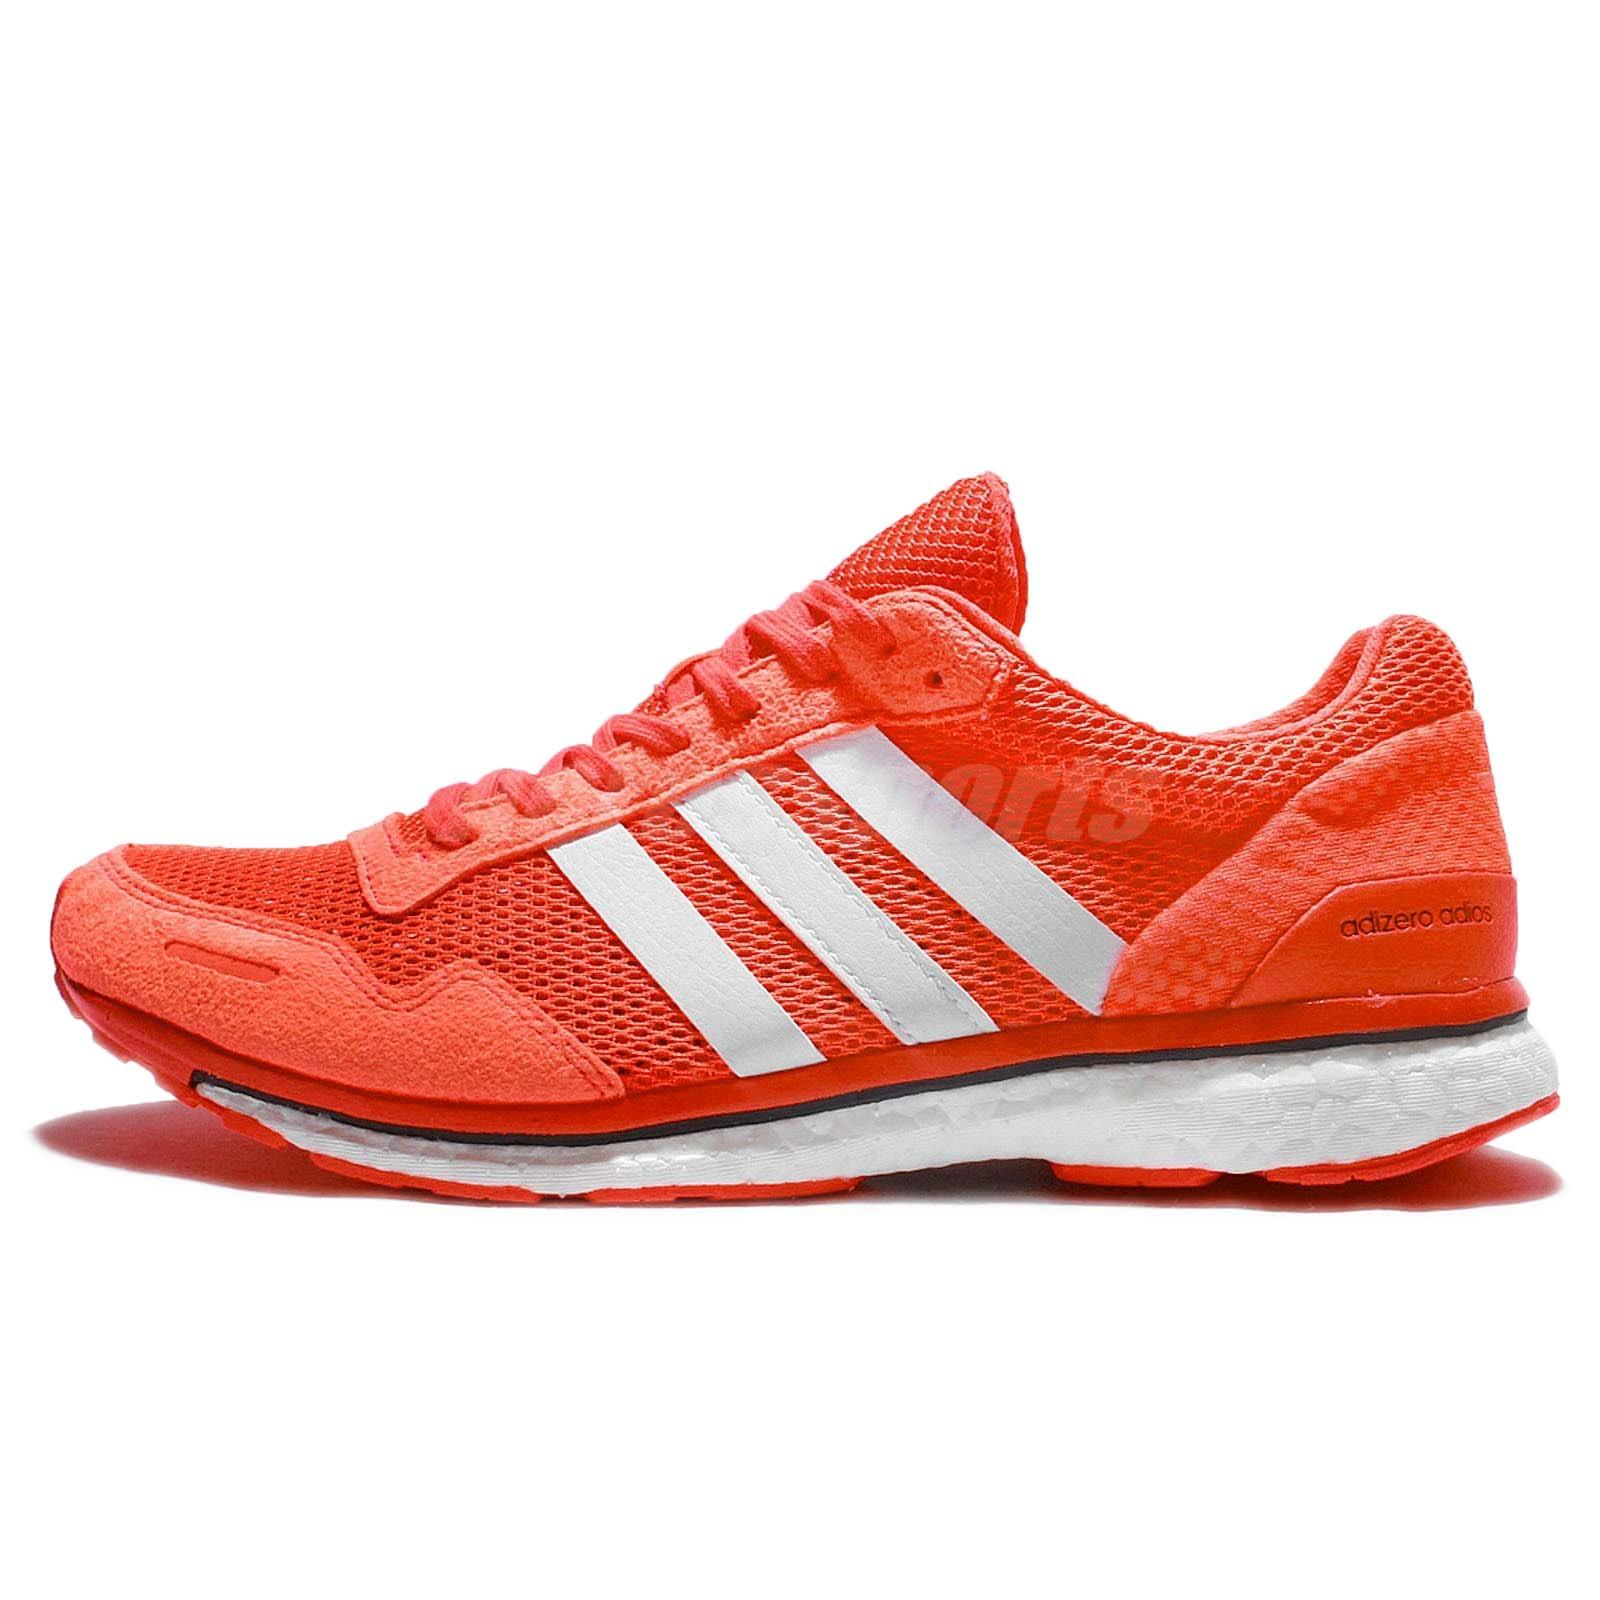 Adidas Adios | Adidas Adizero Womens Running Shoes | Adidas Adizero Adios Womens